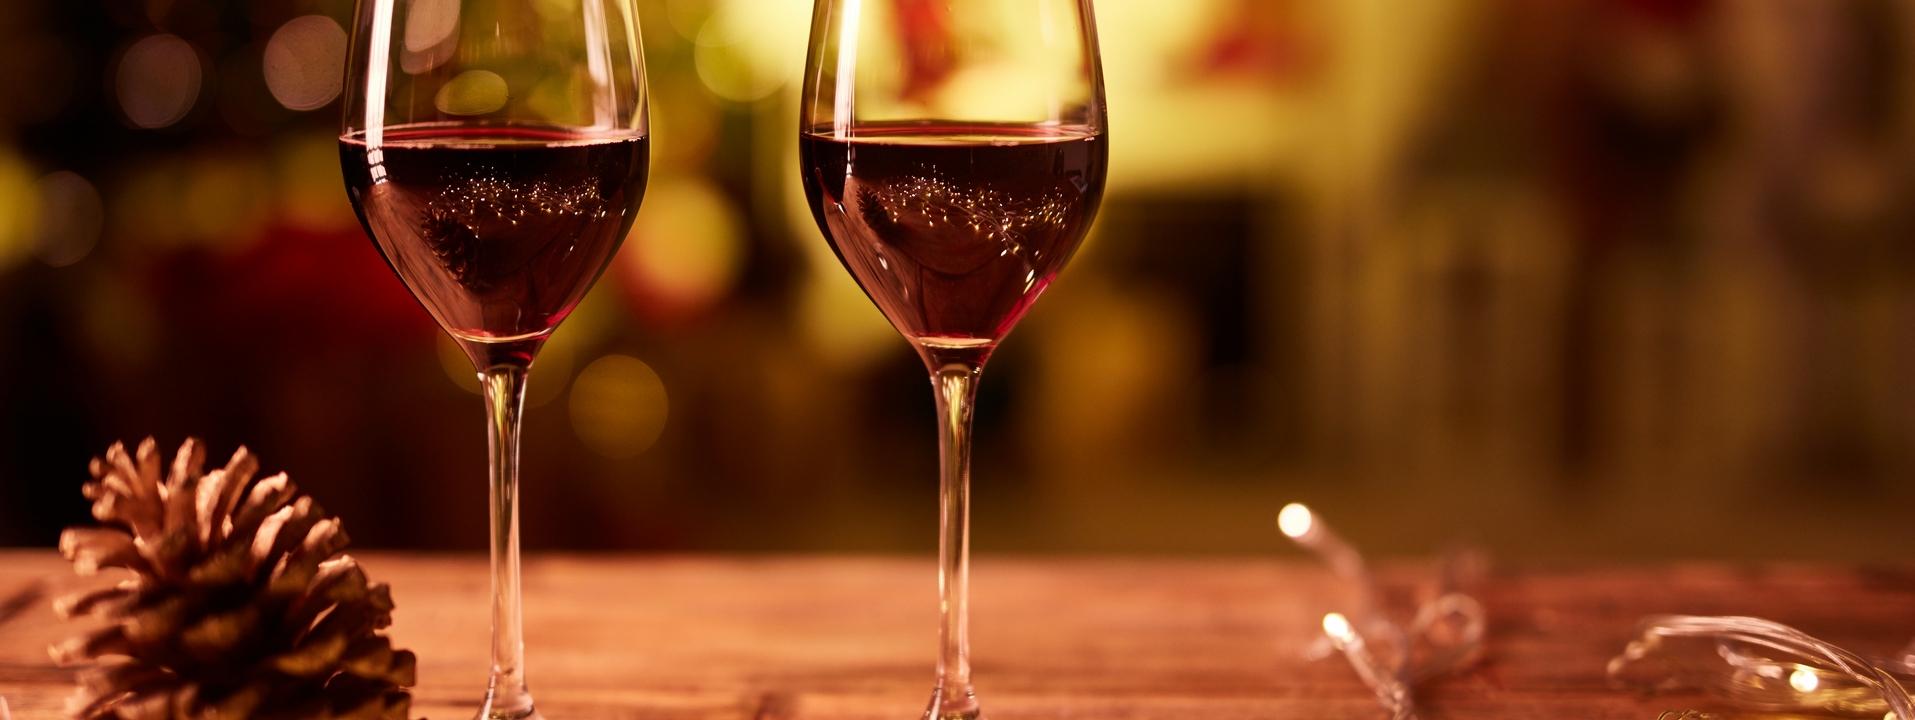 Vins chauds et cocktails festifs